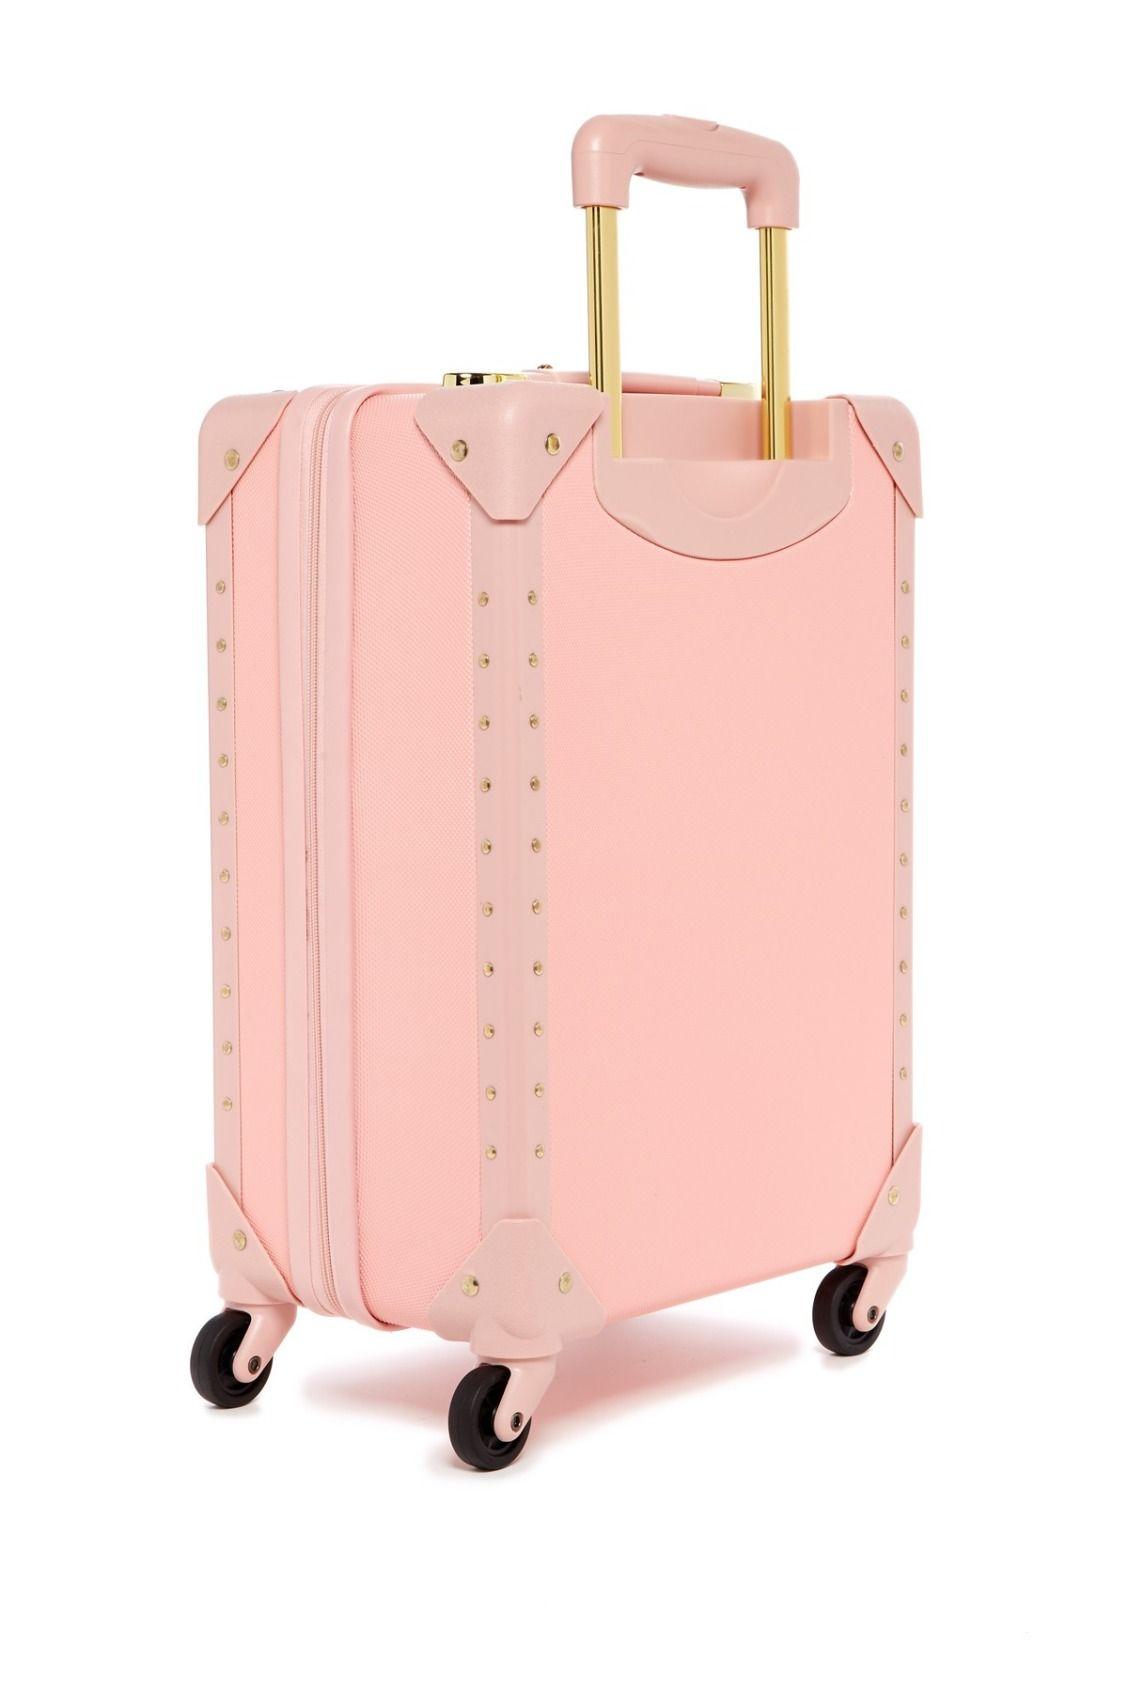 venta profesional calidad y cantidad asegurada imágenes detalladas Pin on All the Bags